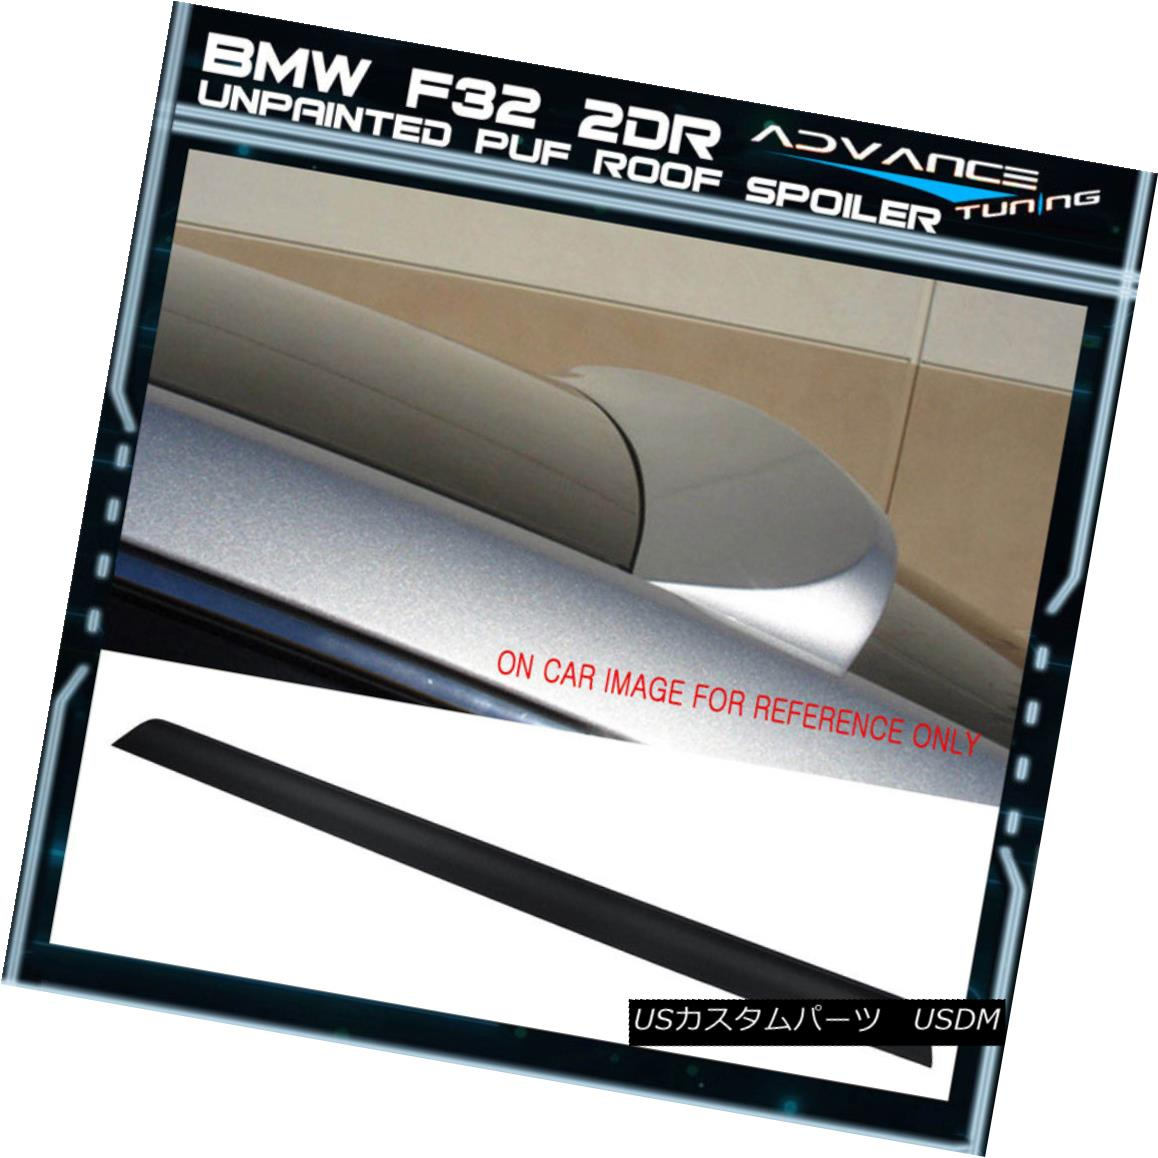 エアロパーツ 14-15 BMW F32 2DR Unpainted Urethane (PU) Rear Roof Spoiler Wing 14-15 BMW F32 2DR未塗装ウレタン(PU)リアルーフスポイラーウイング